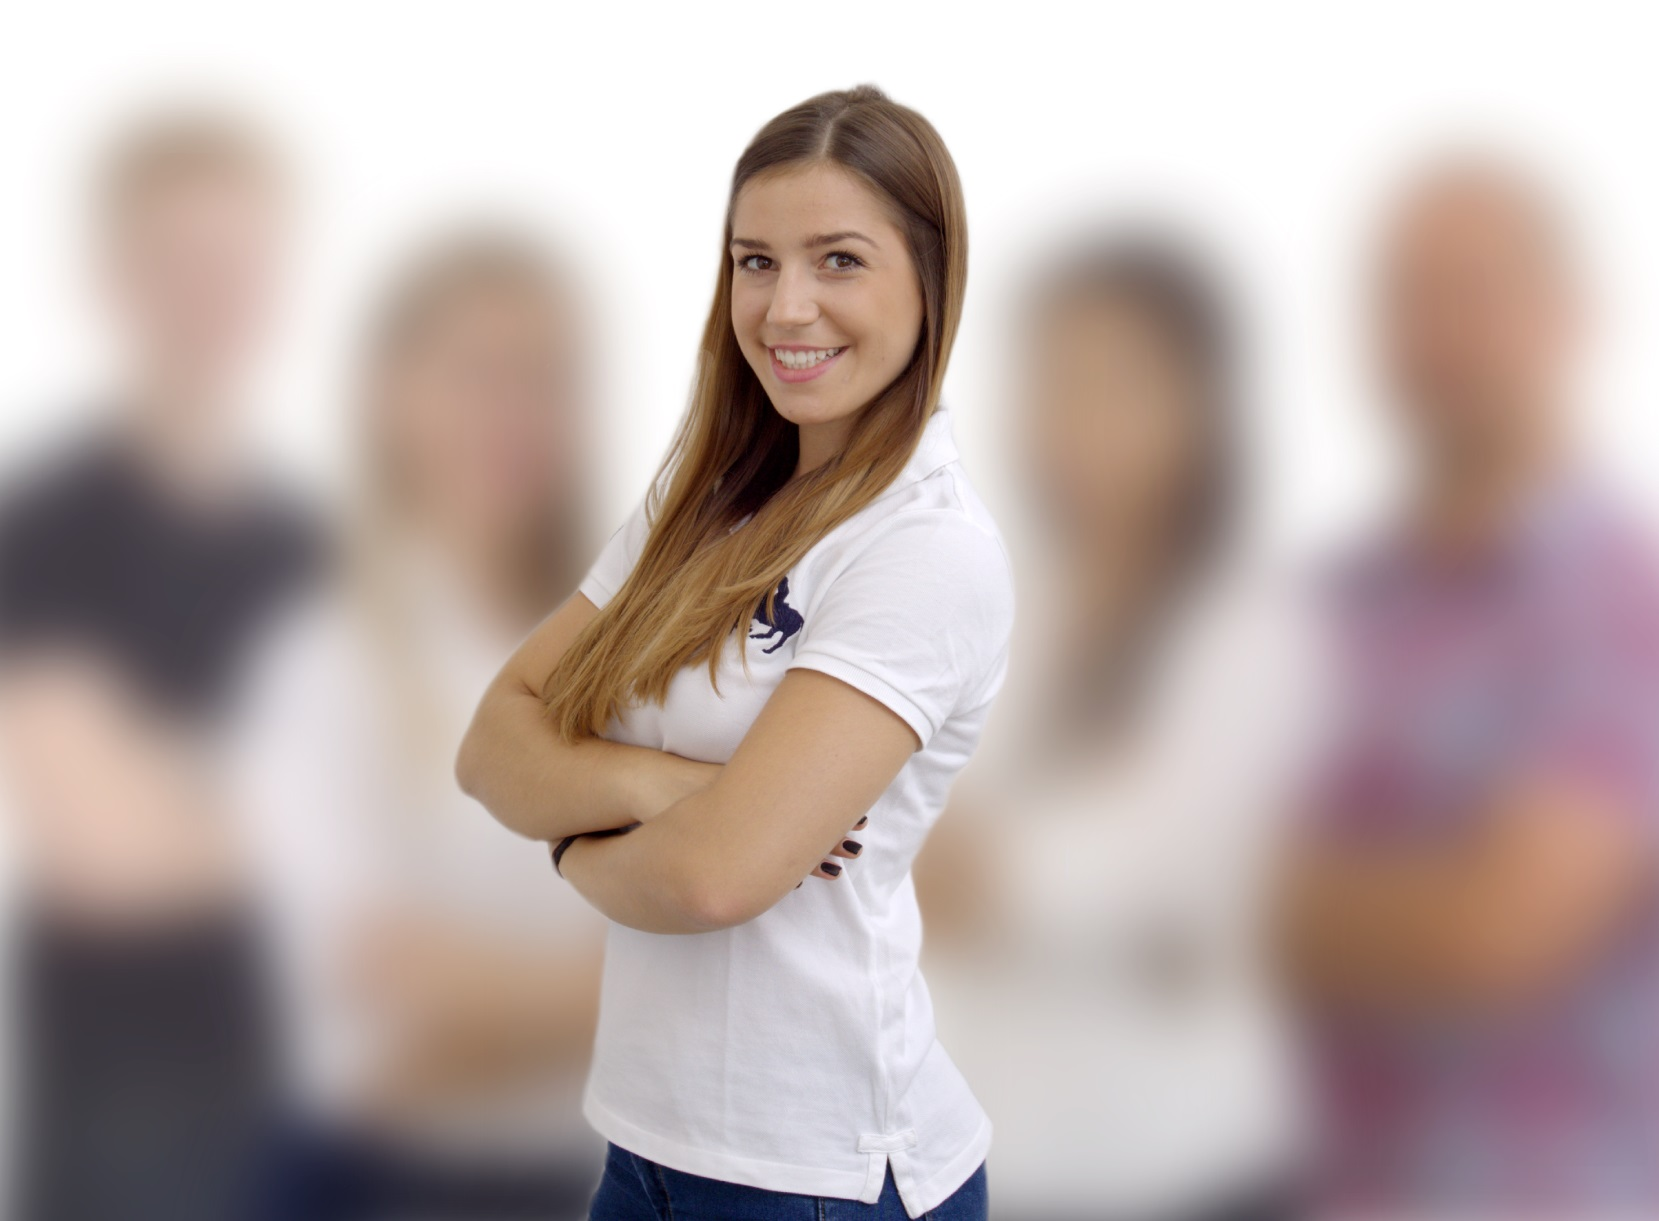 Junge Frau steht vor einem kleinen Team